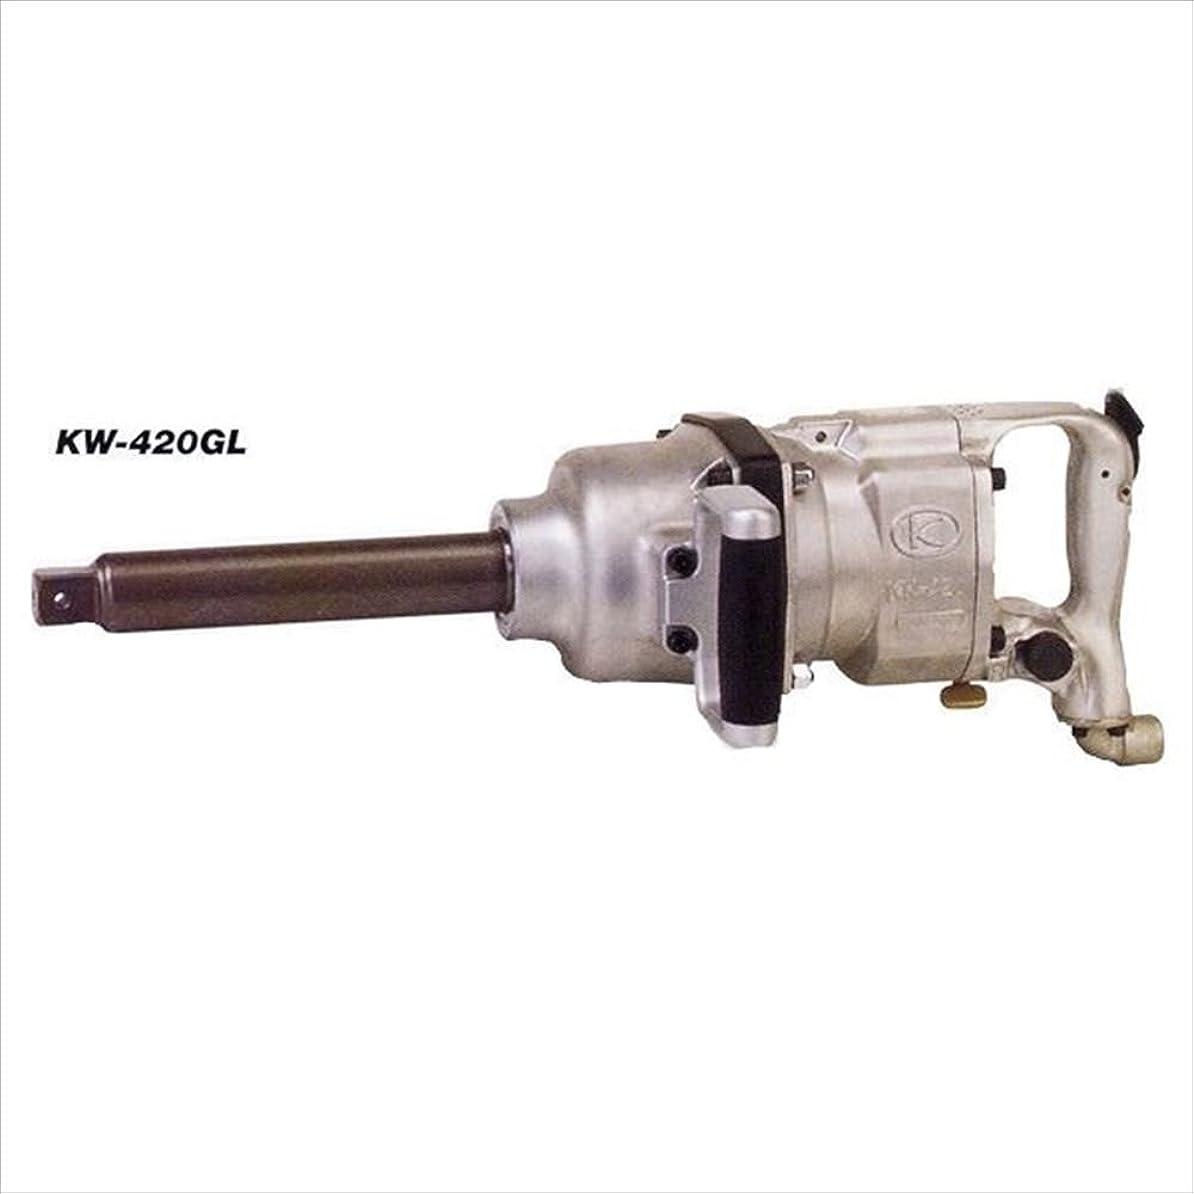 比較的解釈いっぱいベッセル(VESSEL) エアー インパクトレンチ ショートタイプ ボルト径16mm GT-1600JP